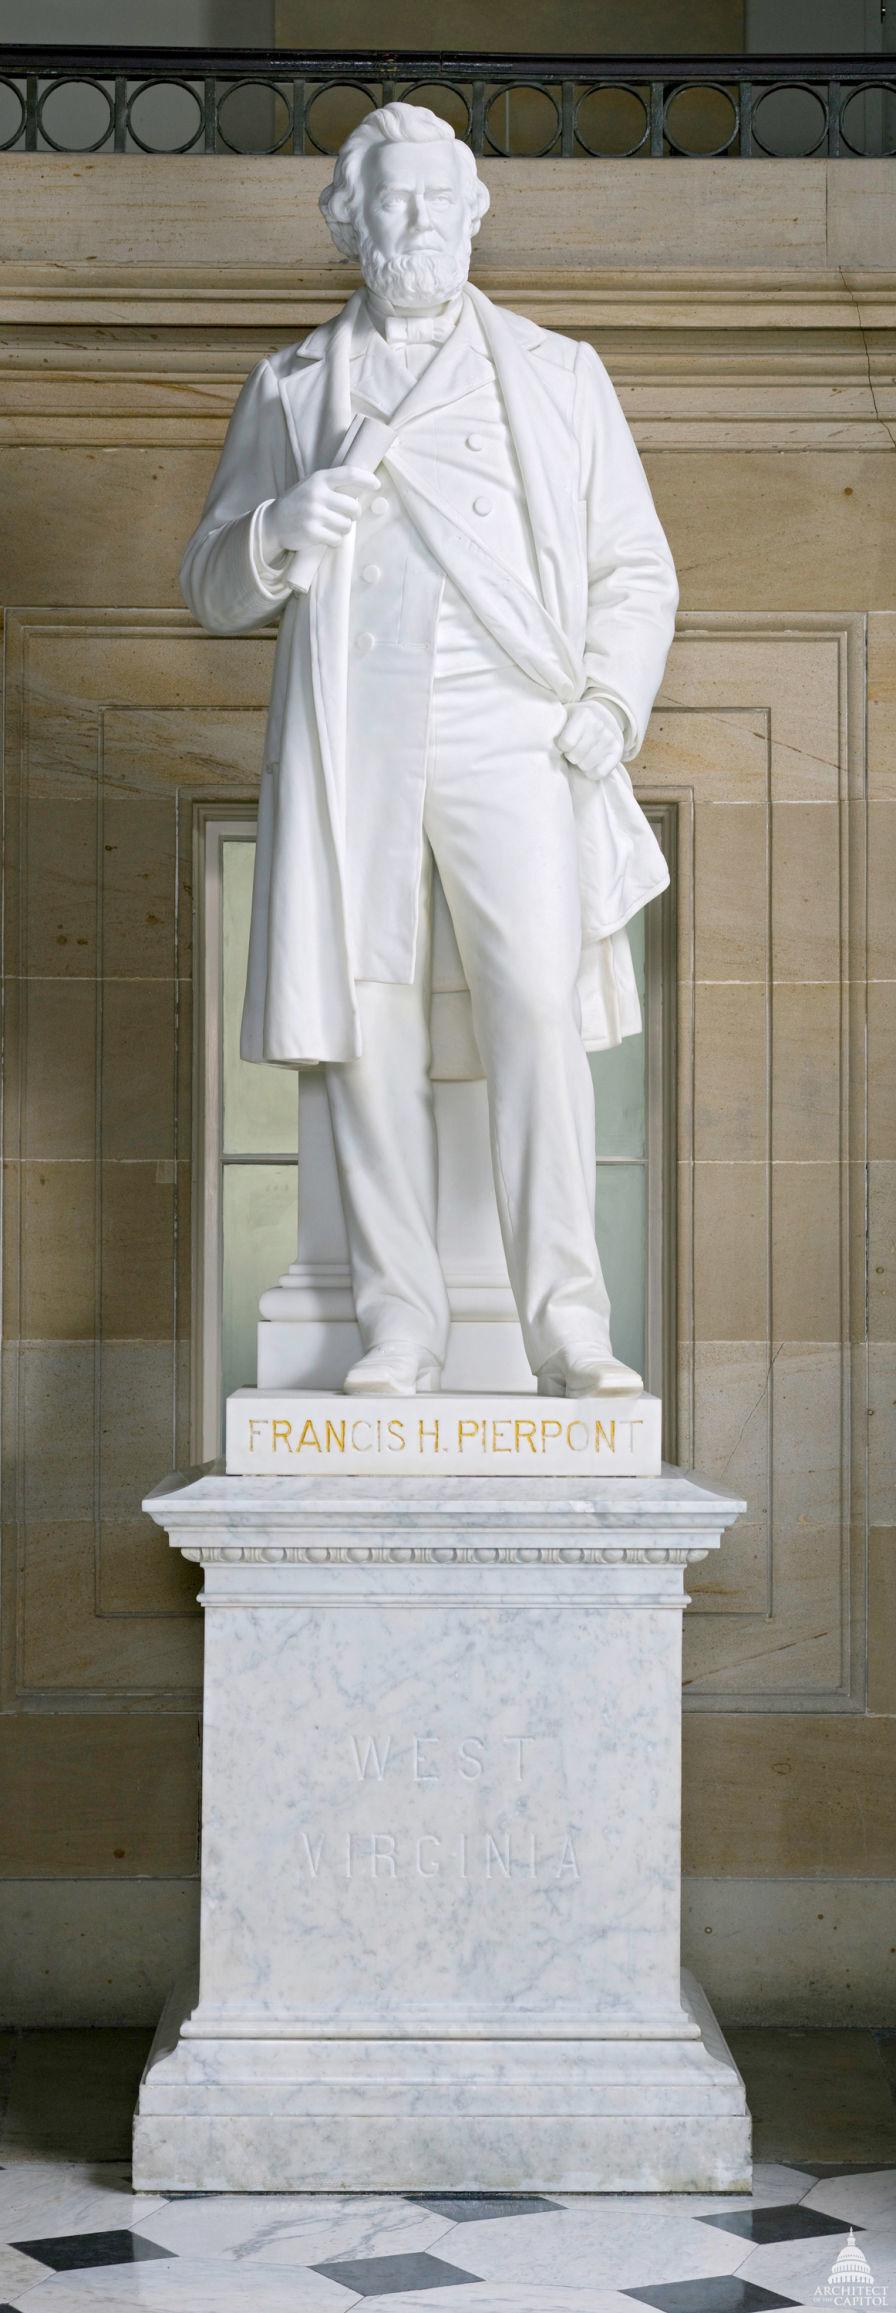 Pierpont statue